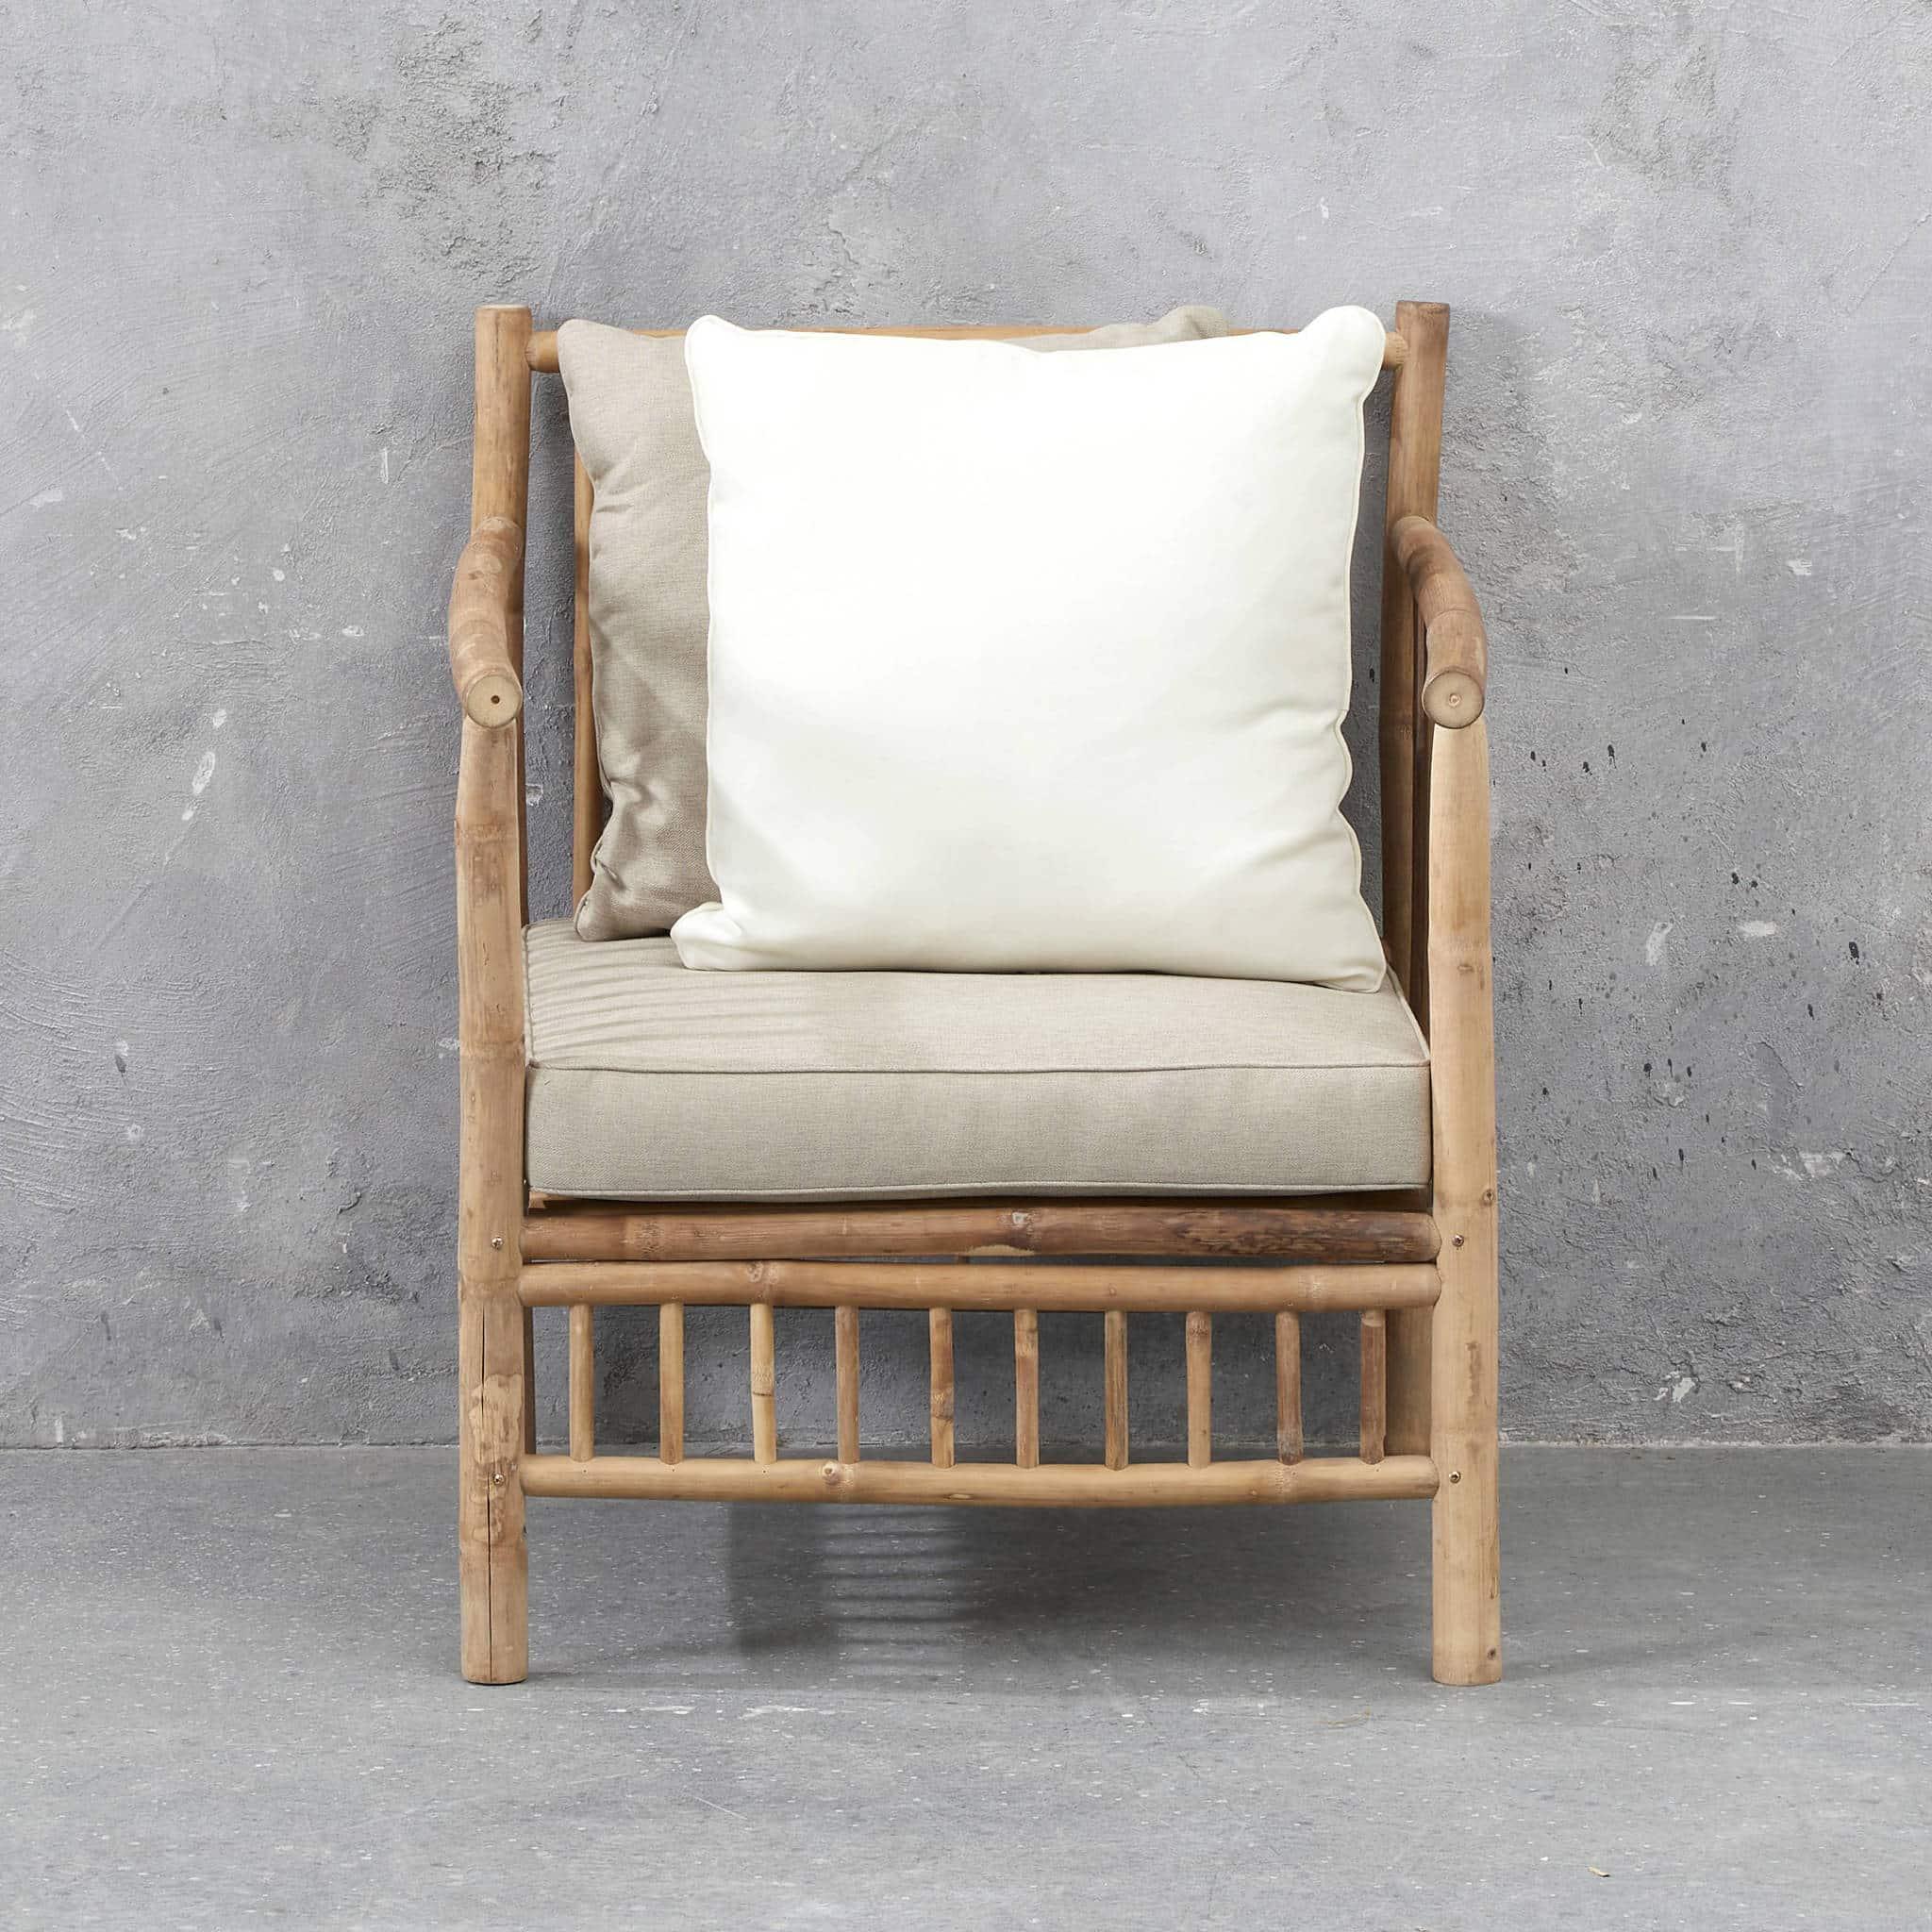 Exotan bamboe loungestoel van Wehkamp